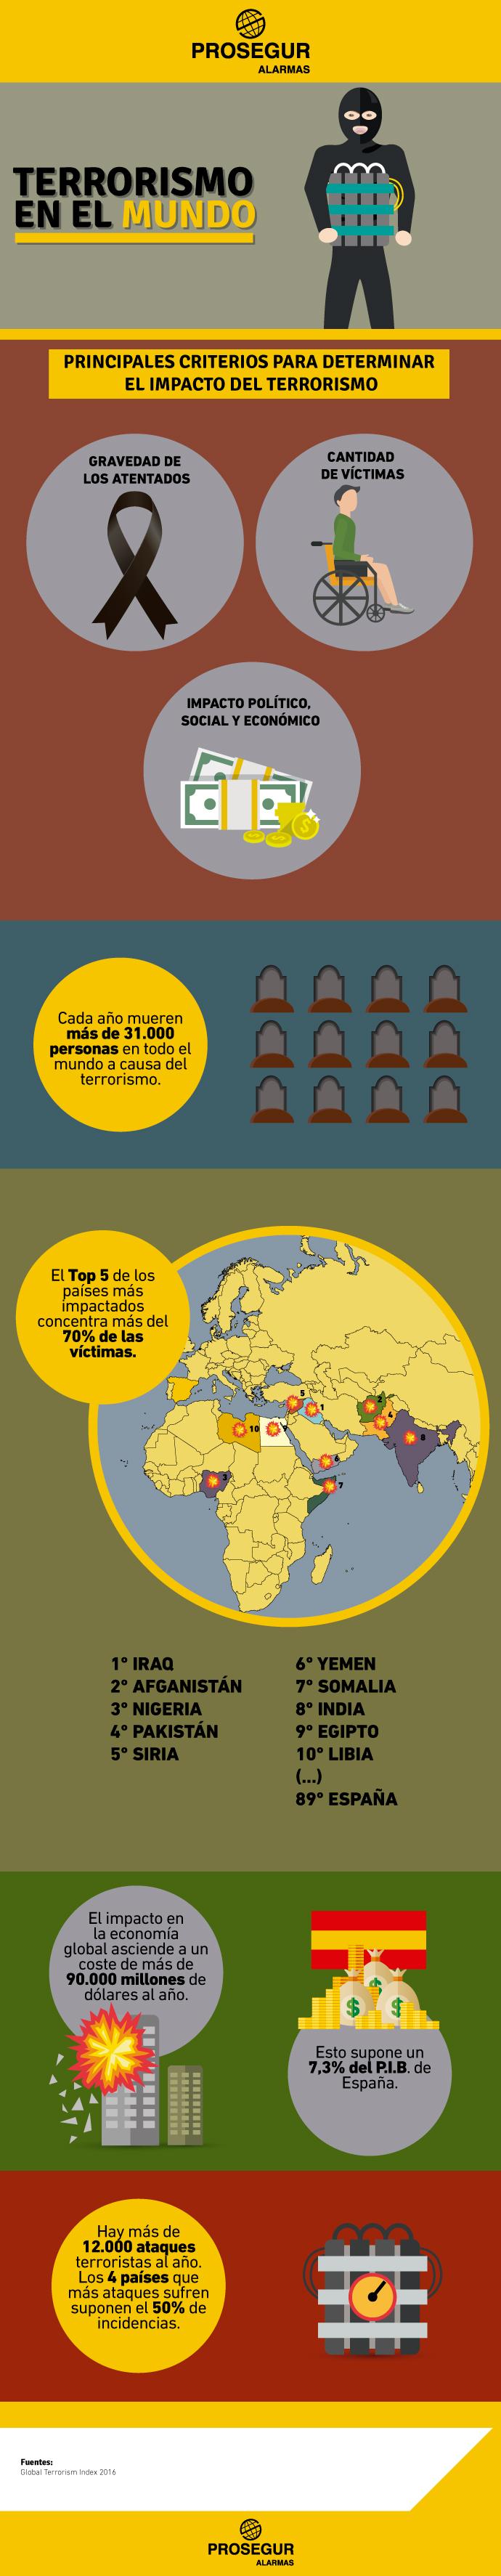 Datos sobre los países más afectados por el terrorismo - Blog Prosegur.